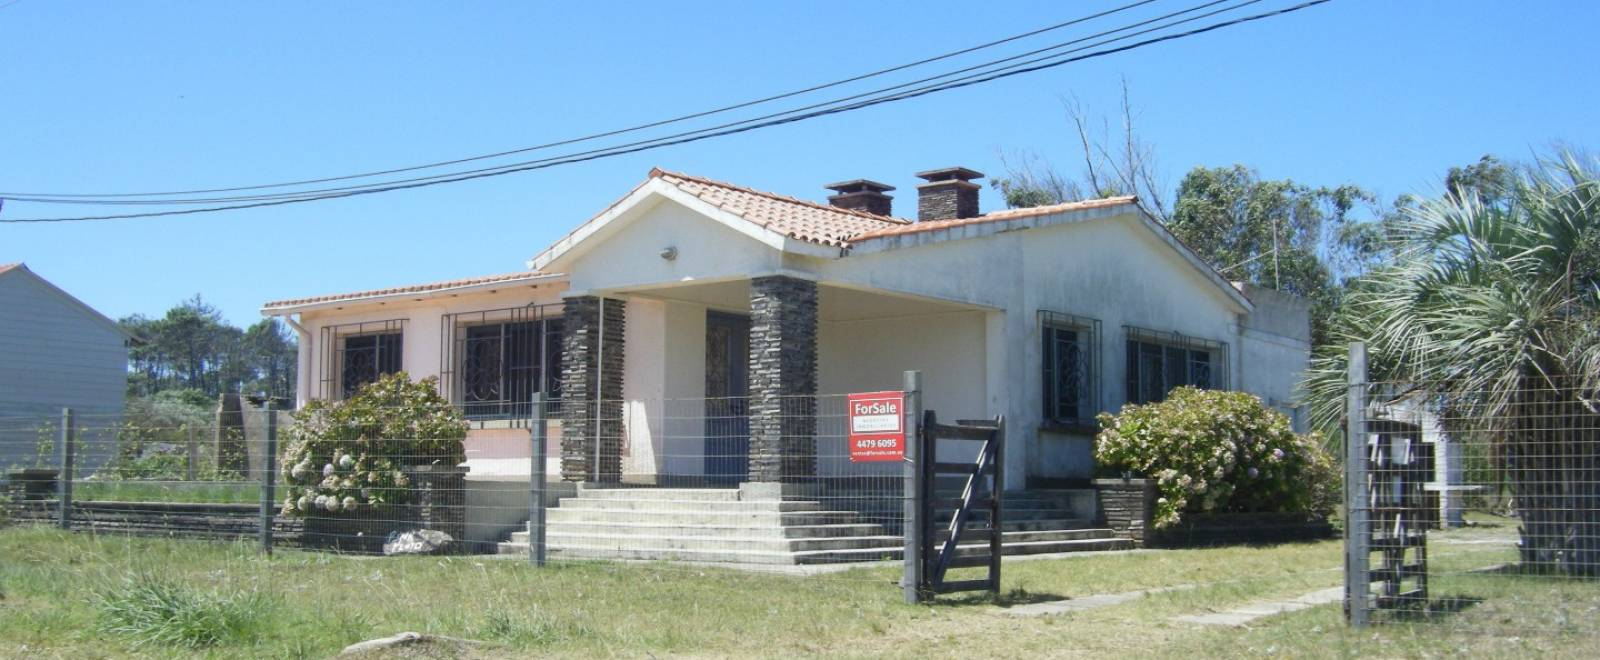 Casa a la venta en el balneario la paloma departamento de for Inmobiliaria la casa